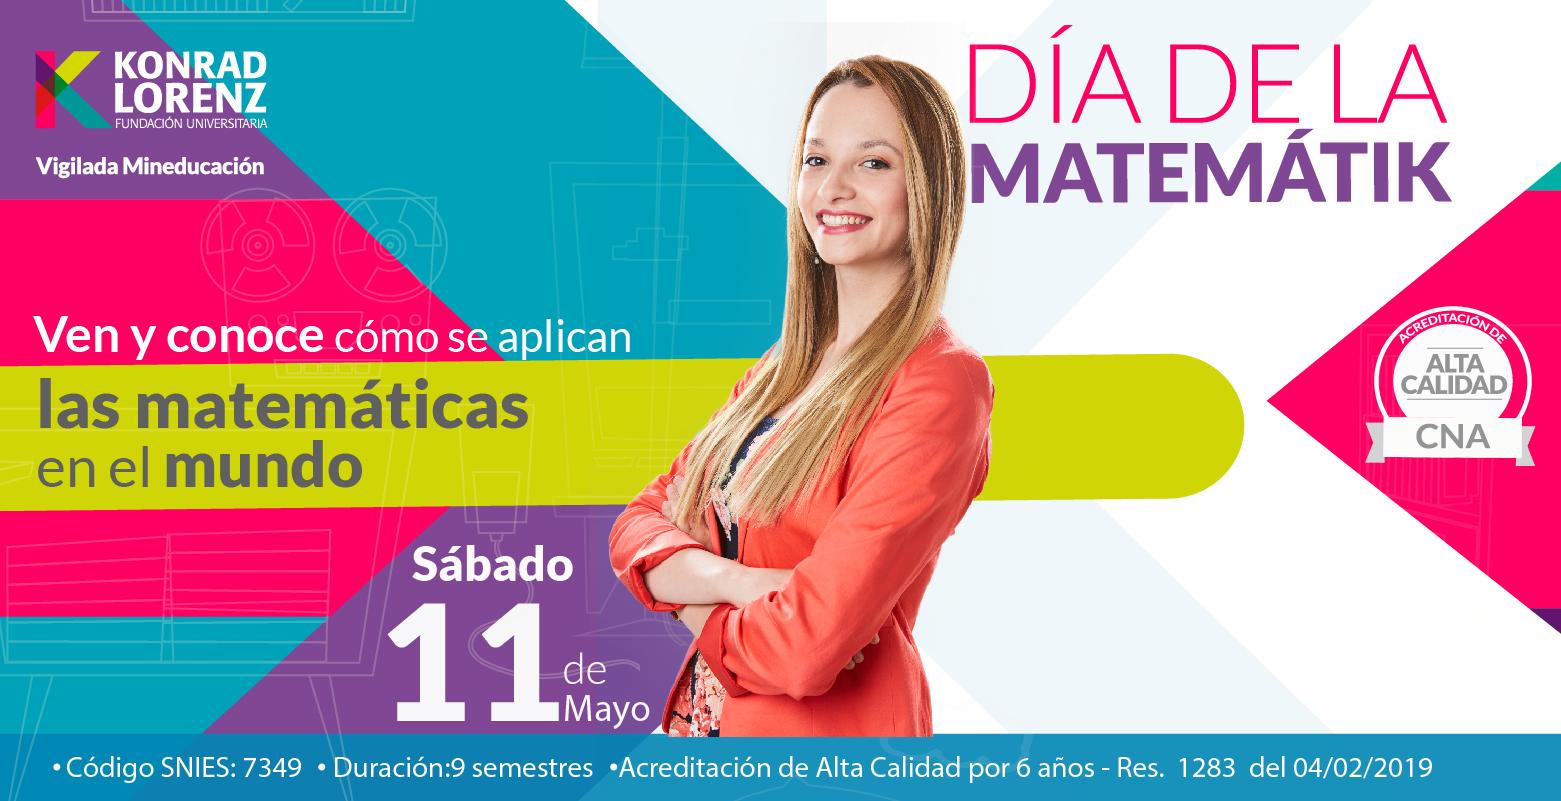 Día de la MatemátiK